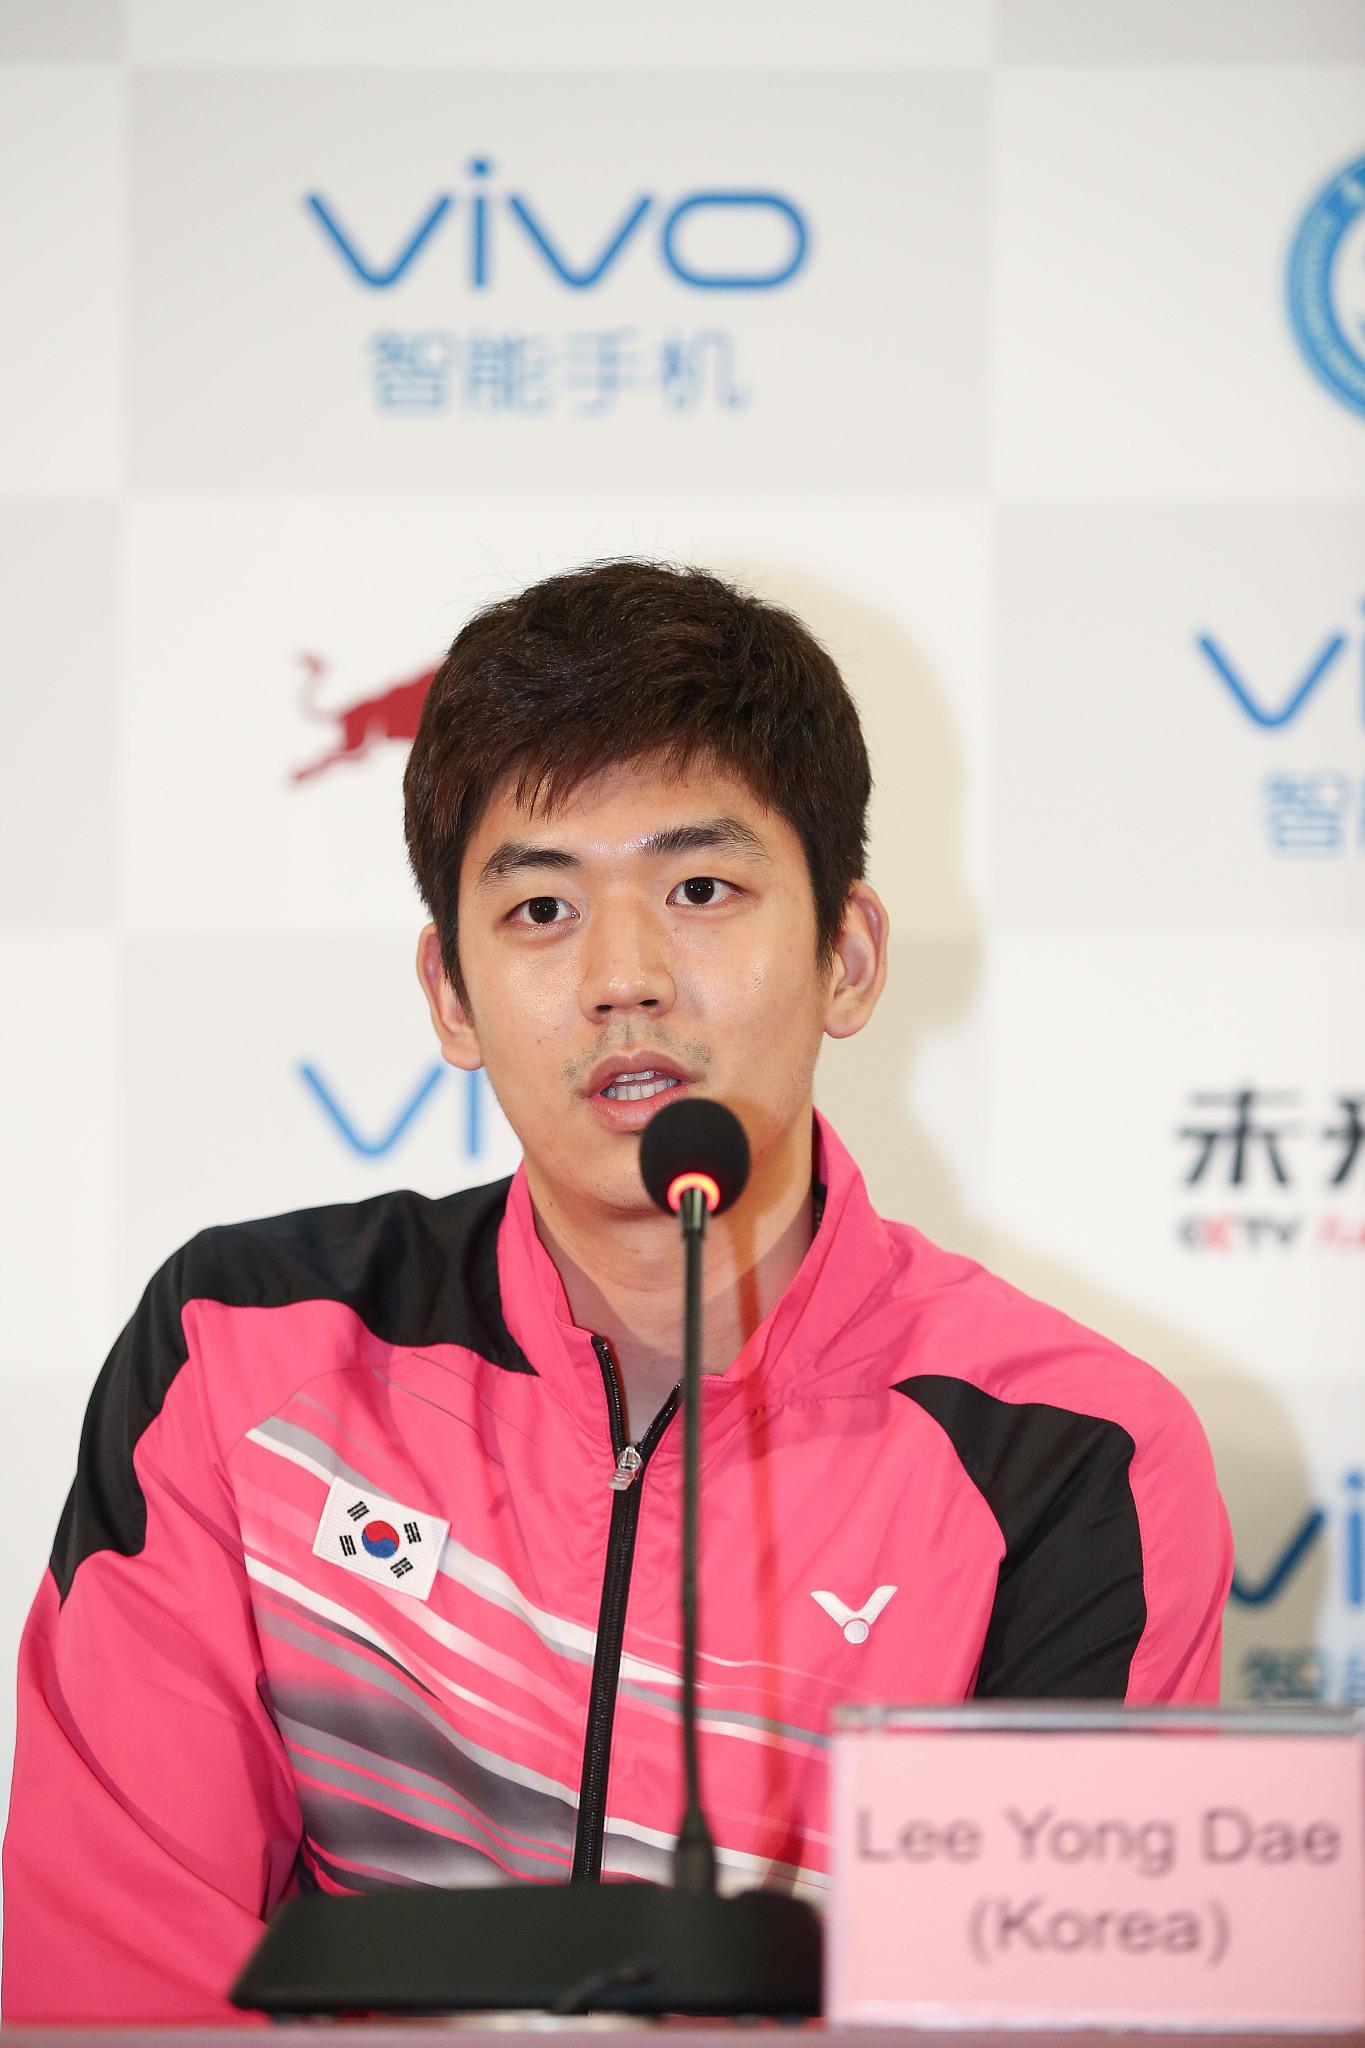 韩国著名羽毛球运动员李龙大确诊感染新冠肺炎